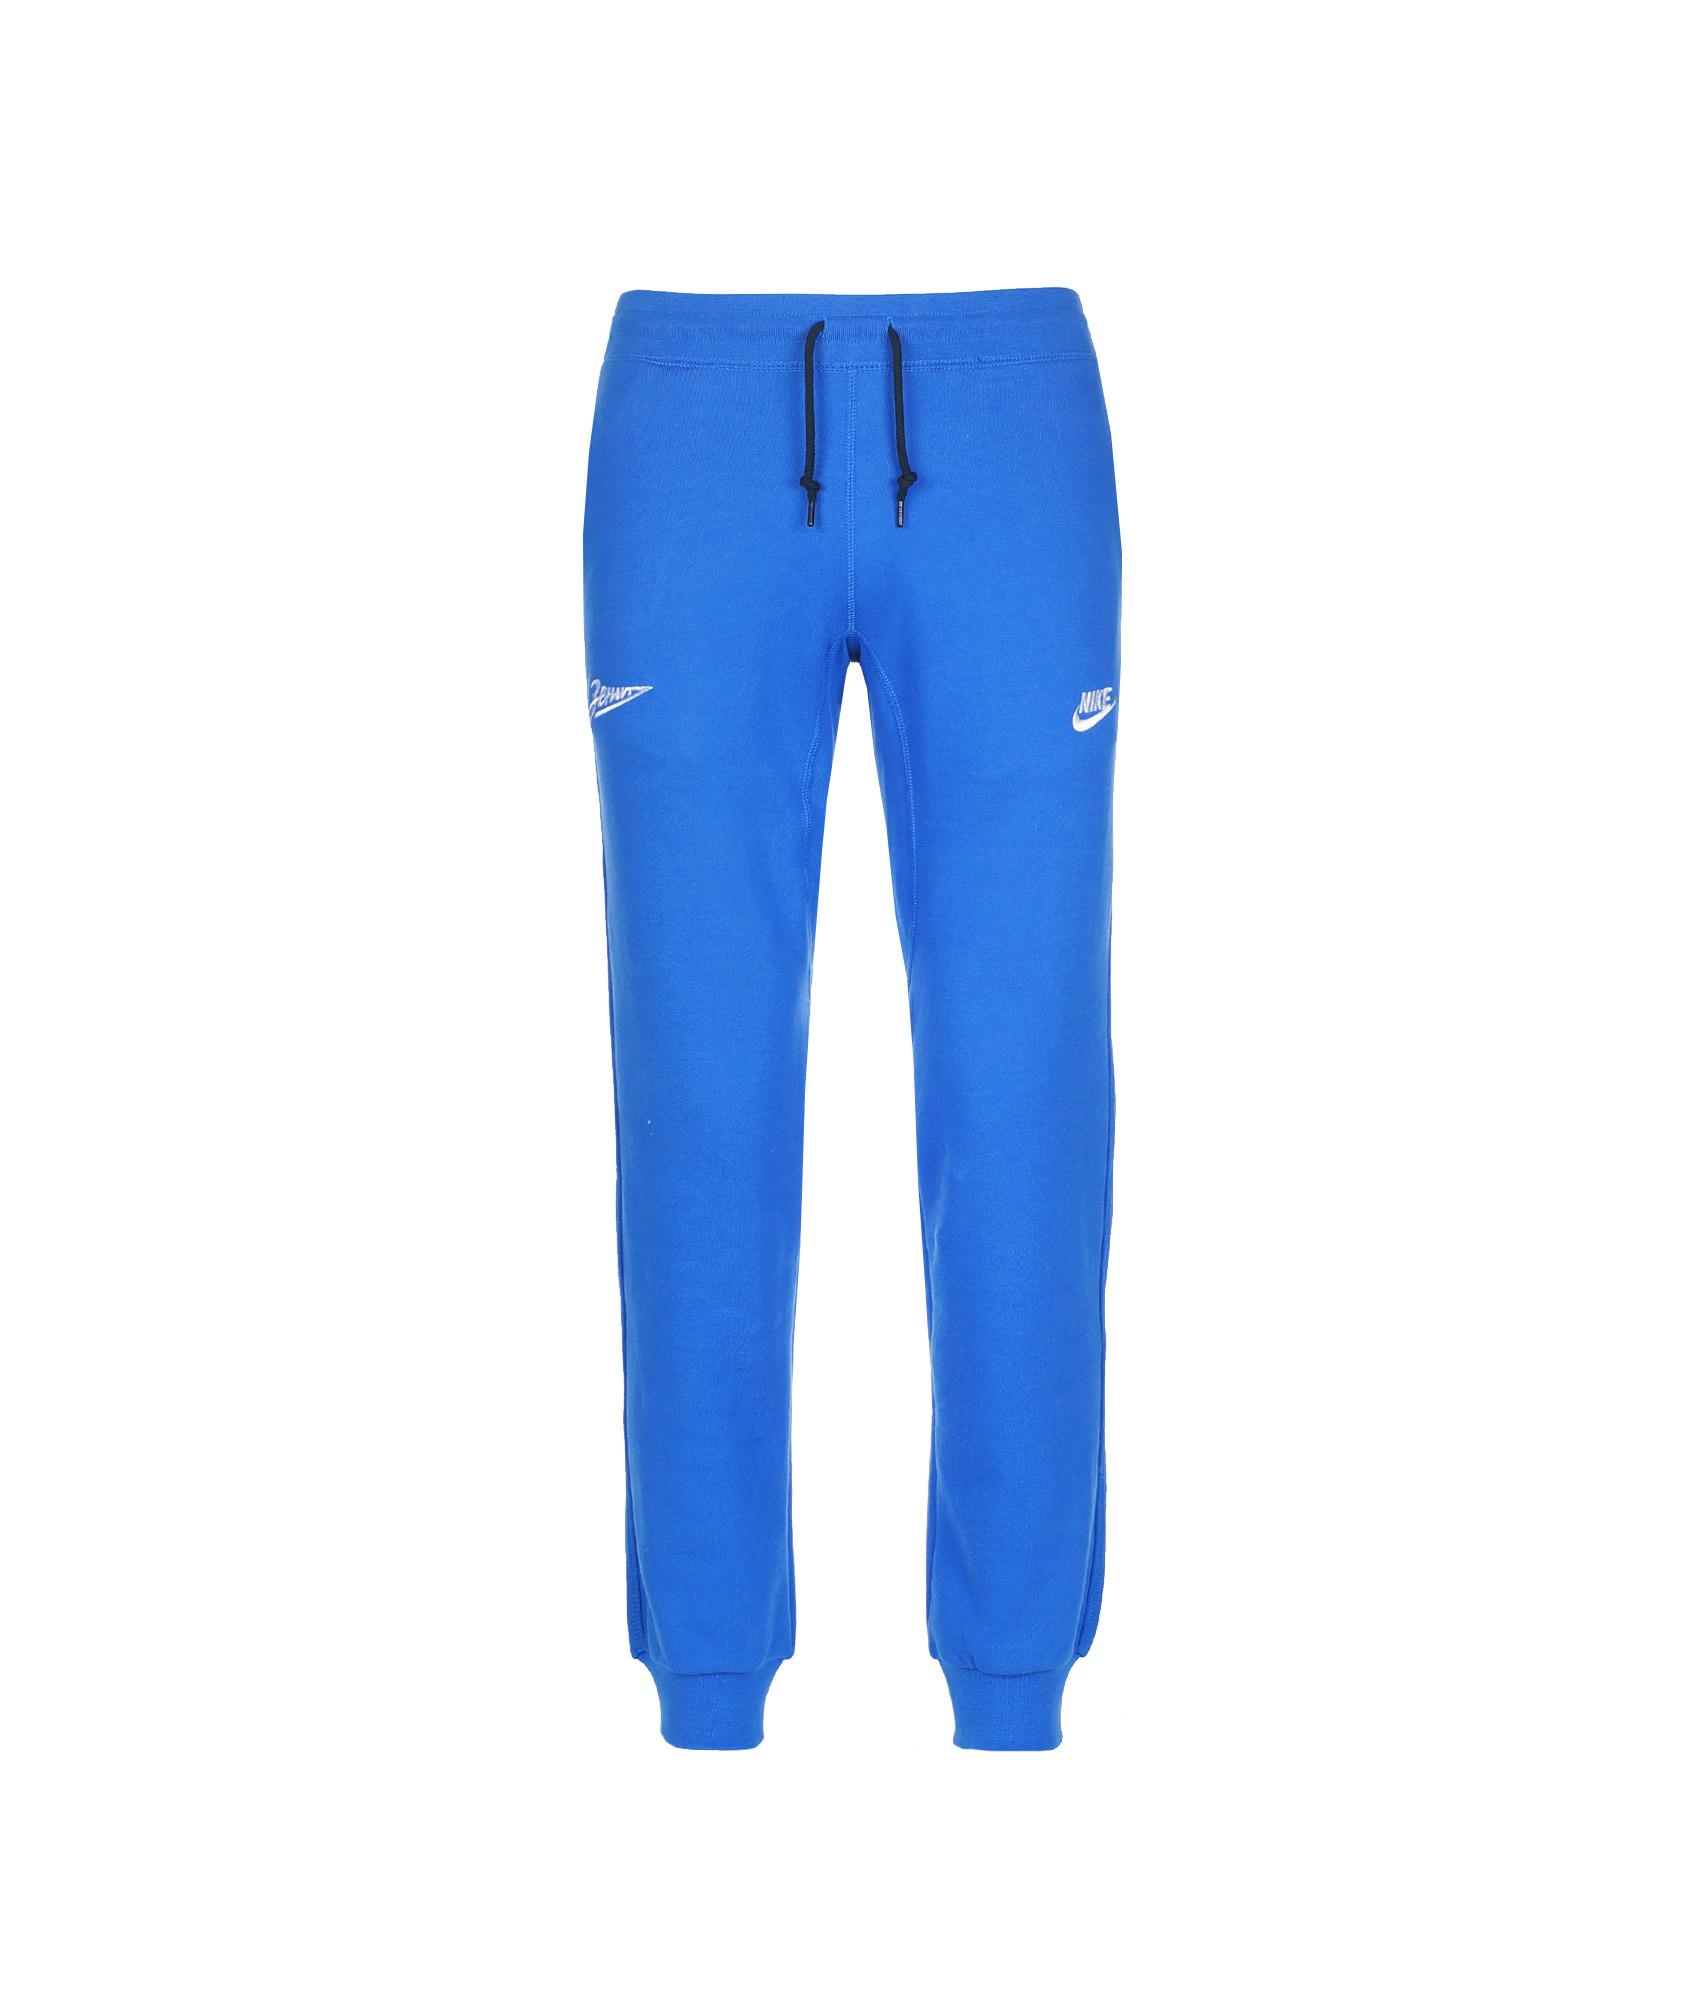 Брюки Nike AW77 CUFF PANT, Цвет-Синий, Размер-M